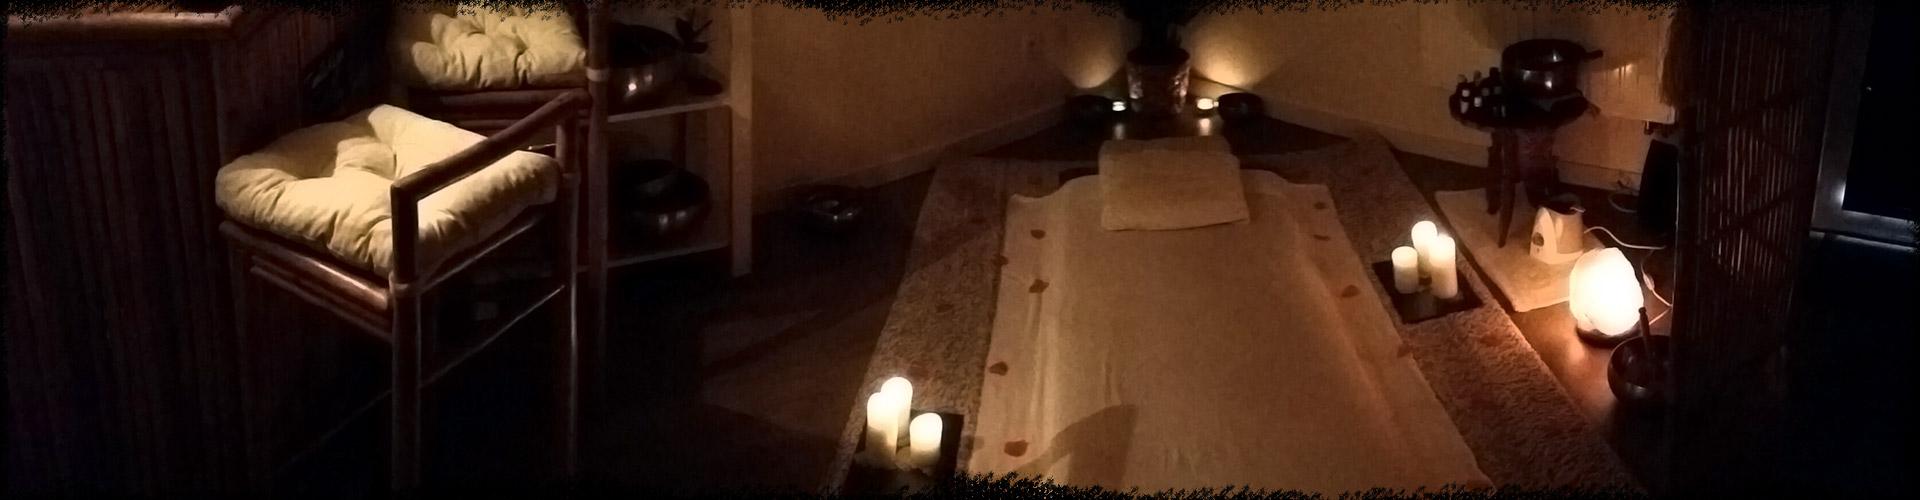 Tantrikazen contact salon massage tantra professionnel - Salon professionnel bordeaux ...